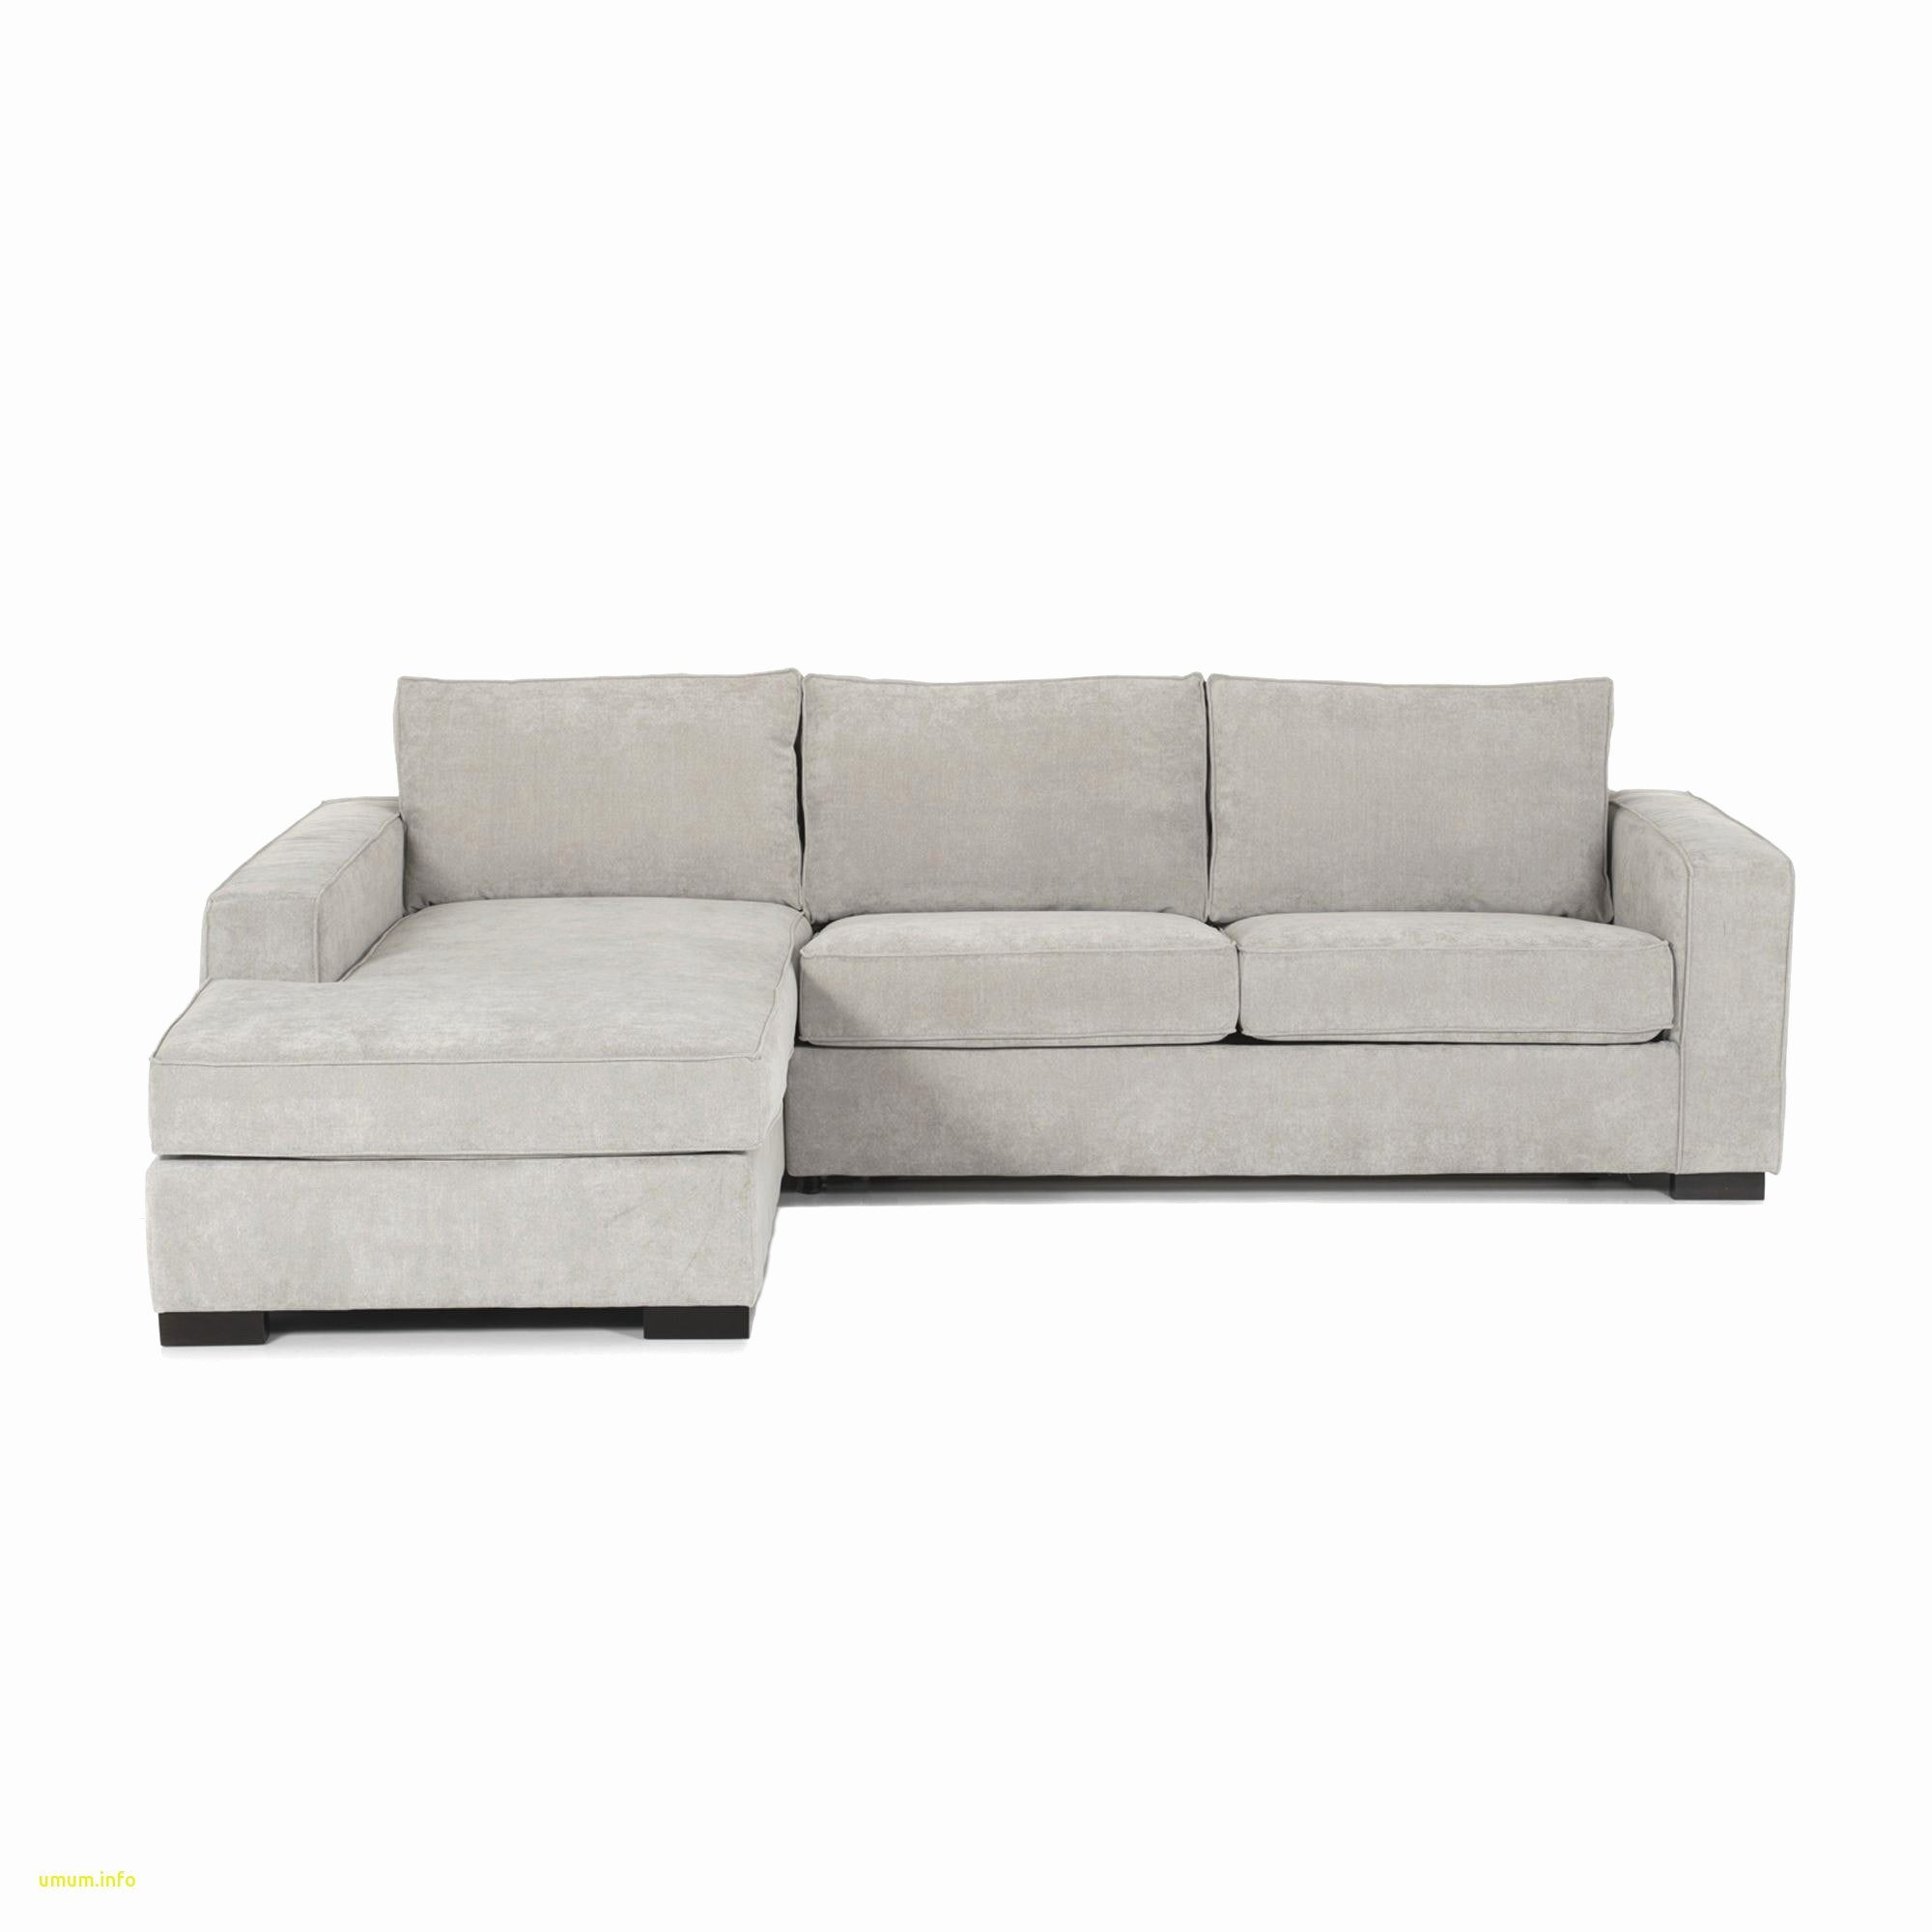 Lit Superposé 3 Couchages Agréable Entra Nant Lit Superposé Avec Canapé Sur Lit Biné Armoire Fresh Lit